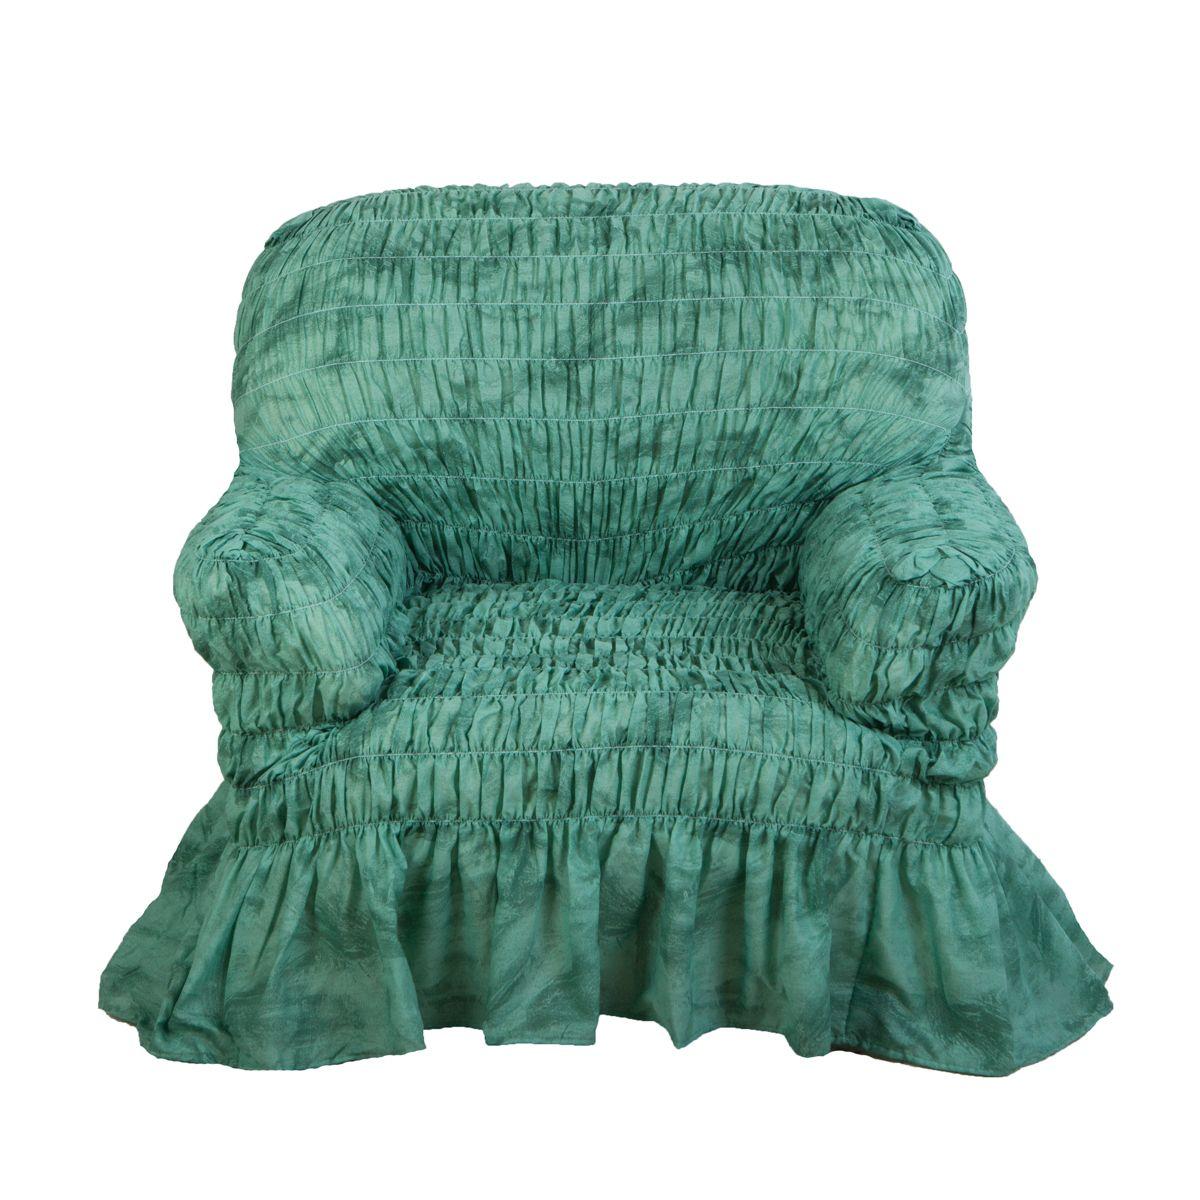 Фантазия Зеленый. Чехол на креслоФантазия<br>Коллекция «Фантазия» - лучшее решение для романтичного дизайна интерьера. <br> <br> Чехлы этой коллекции выполнены из воздушной ткани с элегантной оборкой. Цветочные принты, спокойные пастельные тона добавят атмосфере весеннего очарования и легкости. Полиэсте...<br>